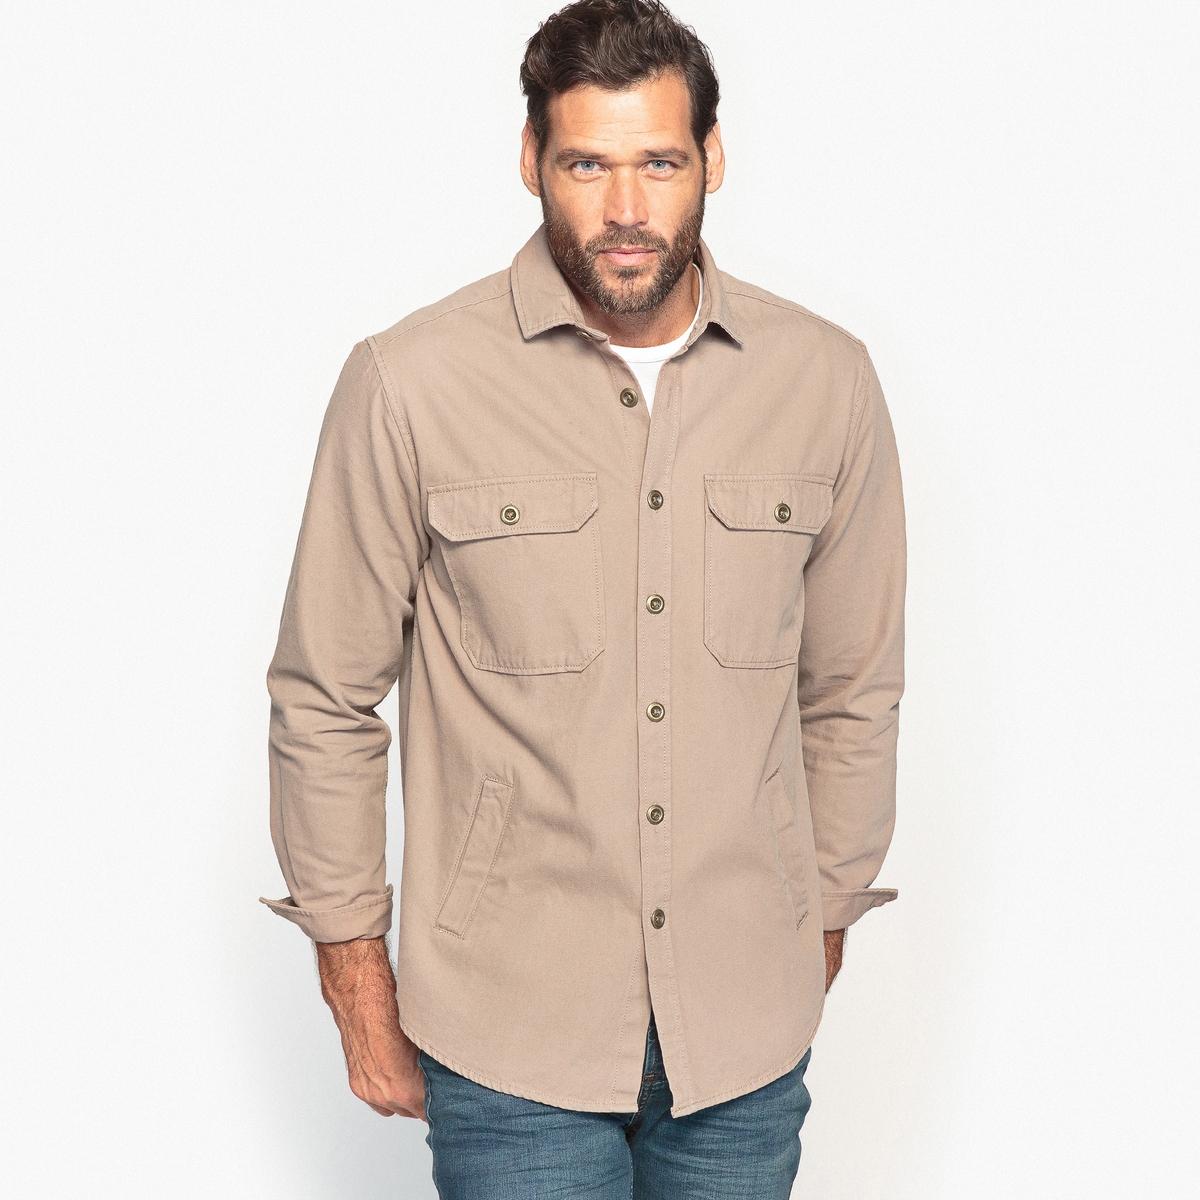 Рубашка однотонная с длинными рукавамиРубашка с несколькими карманами хорошо смотрится поверх футболки с джинсами. Рубашка в свободном стиле, ее можно носить расстегнутой или застегнутой. Детали •  Длинные рукава •  Прямой покрой  •  Классический воротникСостав и уход •  100% хлопок  •  Стирать при 40° •  Сухая чистка и отбеливание запрещены • Барабанная сушка на деликатном режиме   •  Низкая температура глажкиТовар из коллекции больших размеров<br><br>Цвет: серо-коричневый<br>Размер: 74/76.82/84.62/64.70/72